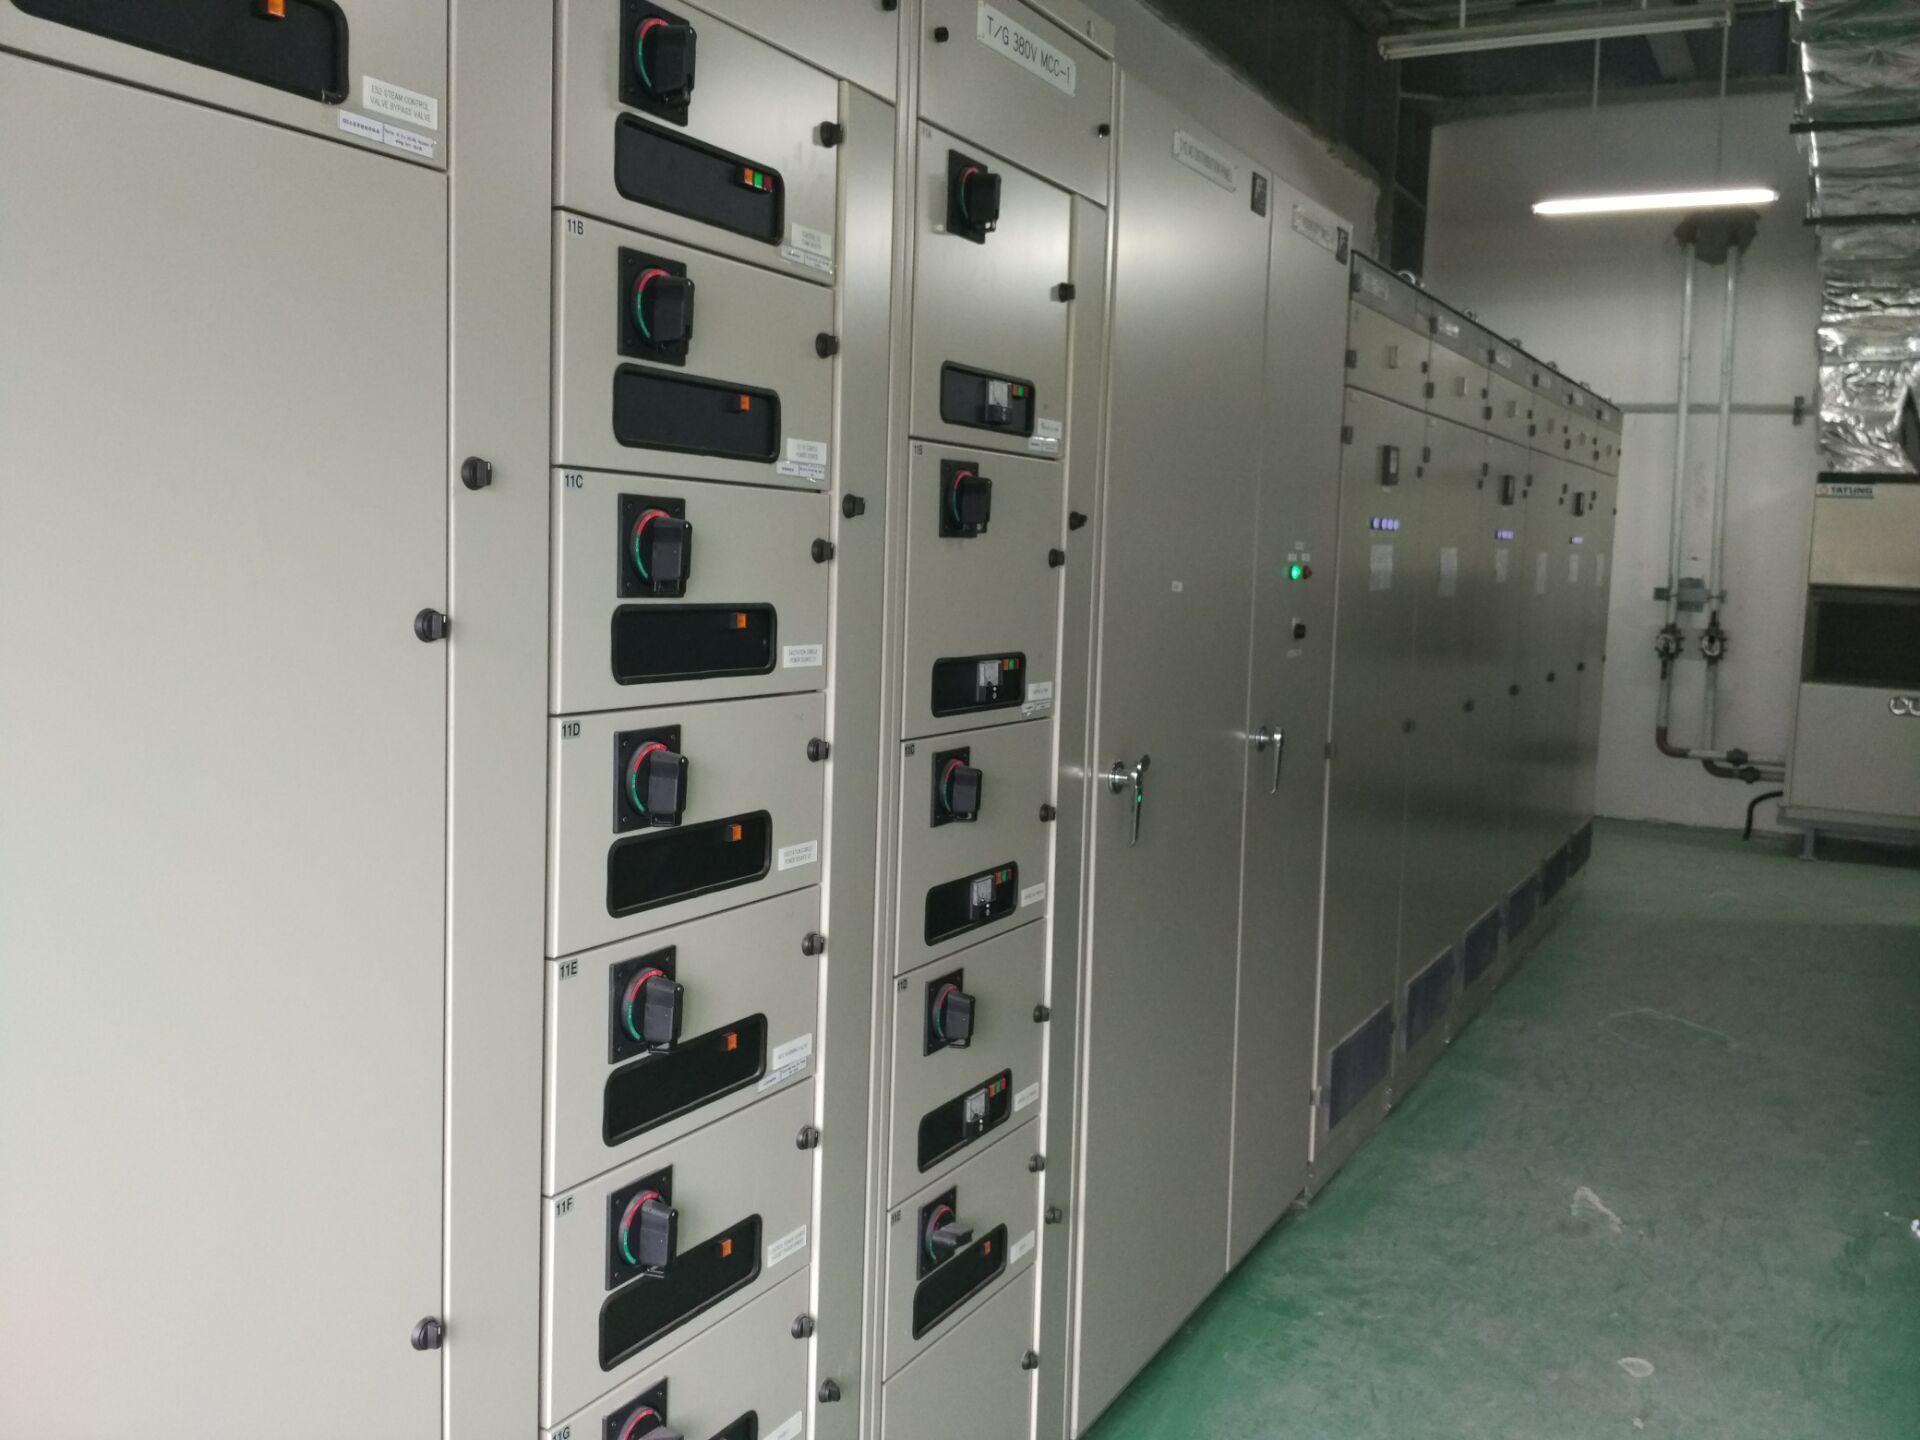 石家庄变频控制柜|石家庄PLC控制柜|石家庄配电柜|石家庄电气成套|石家庄自动化|石家庄动力柜